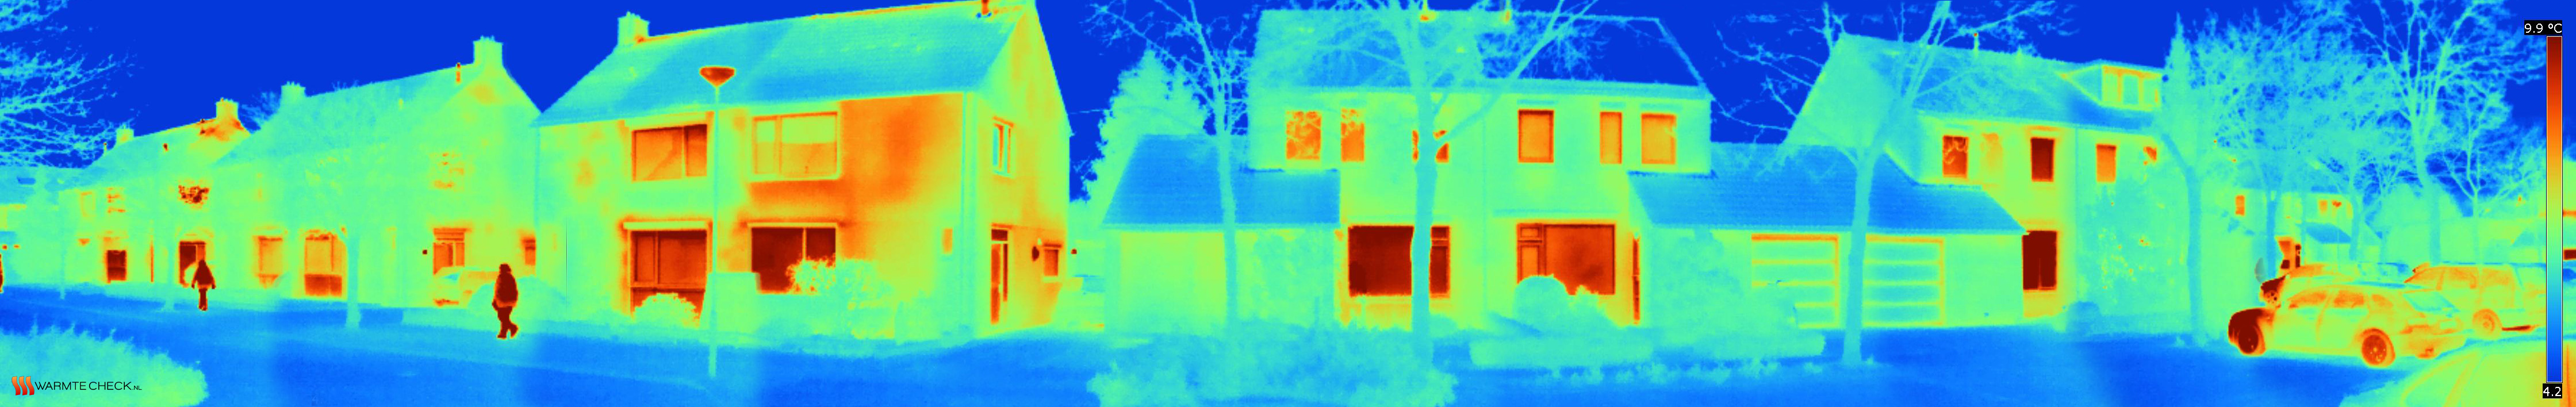 Thermografish beeld welke laat zien waar warmte weglekt